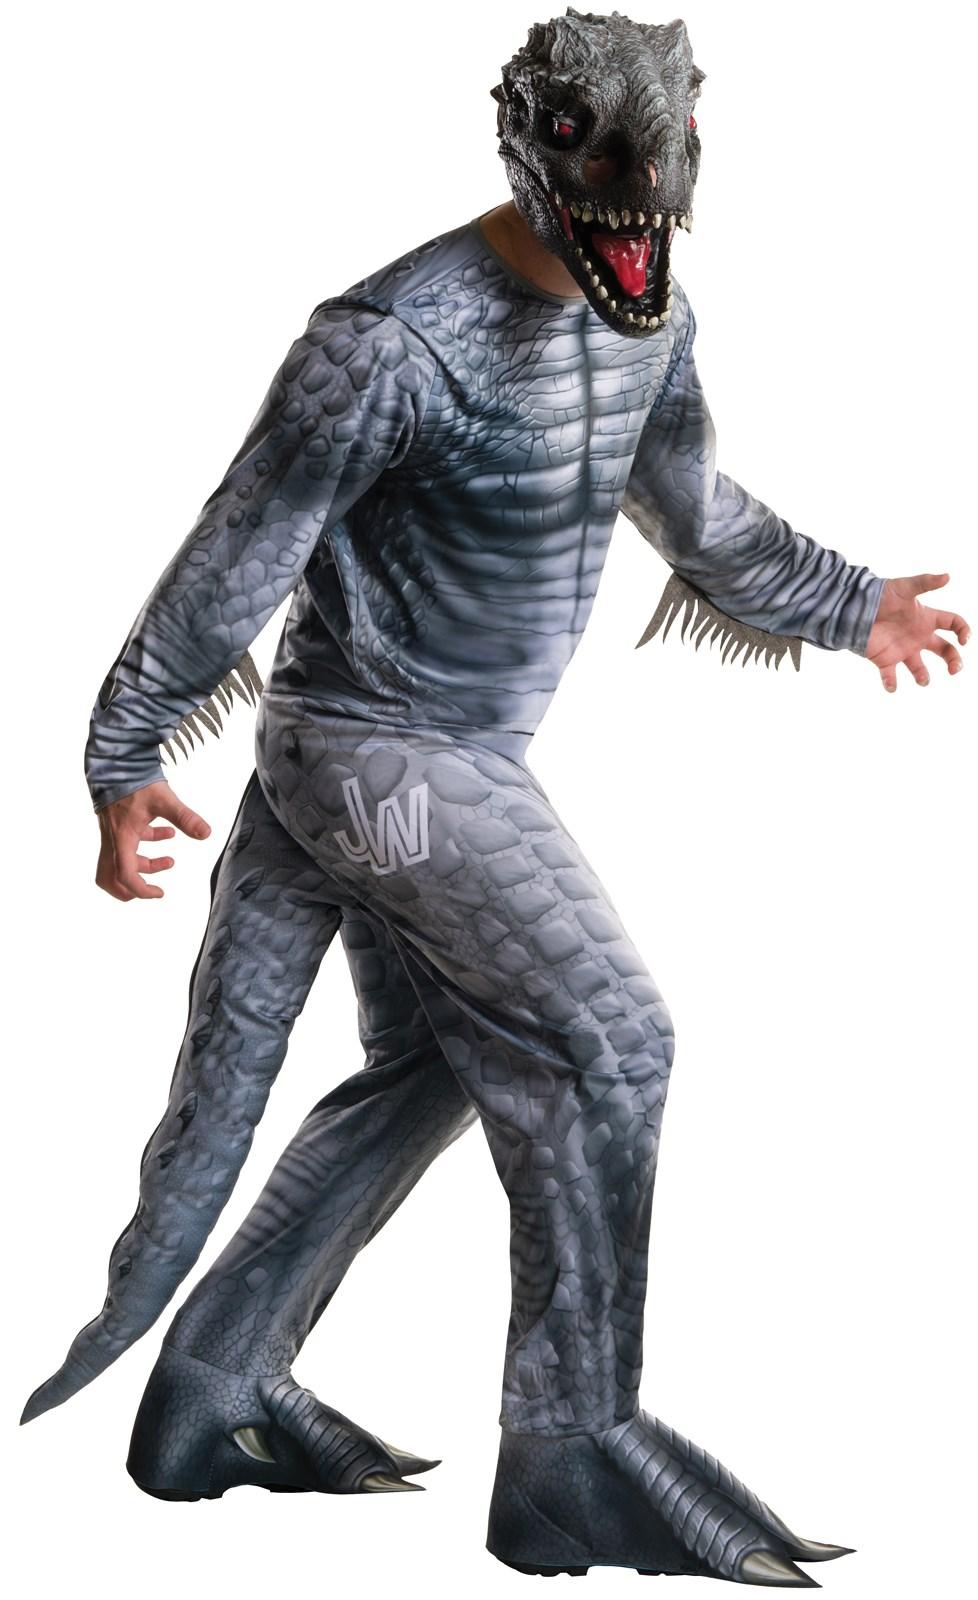 Jurassic World Dinosaur Costumes for Men